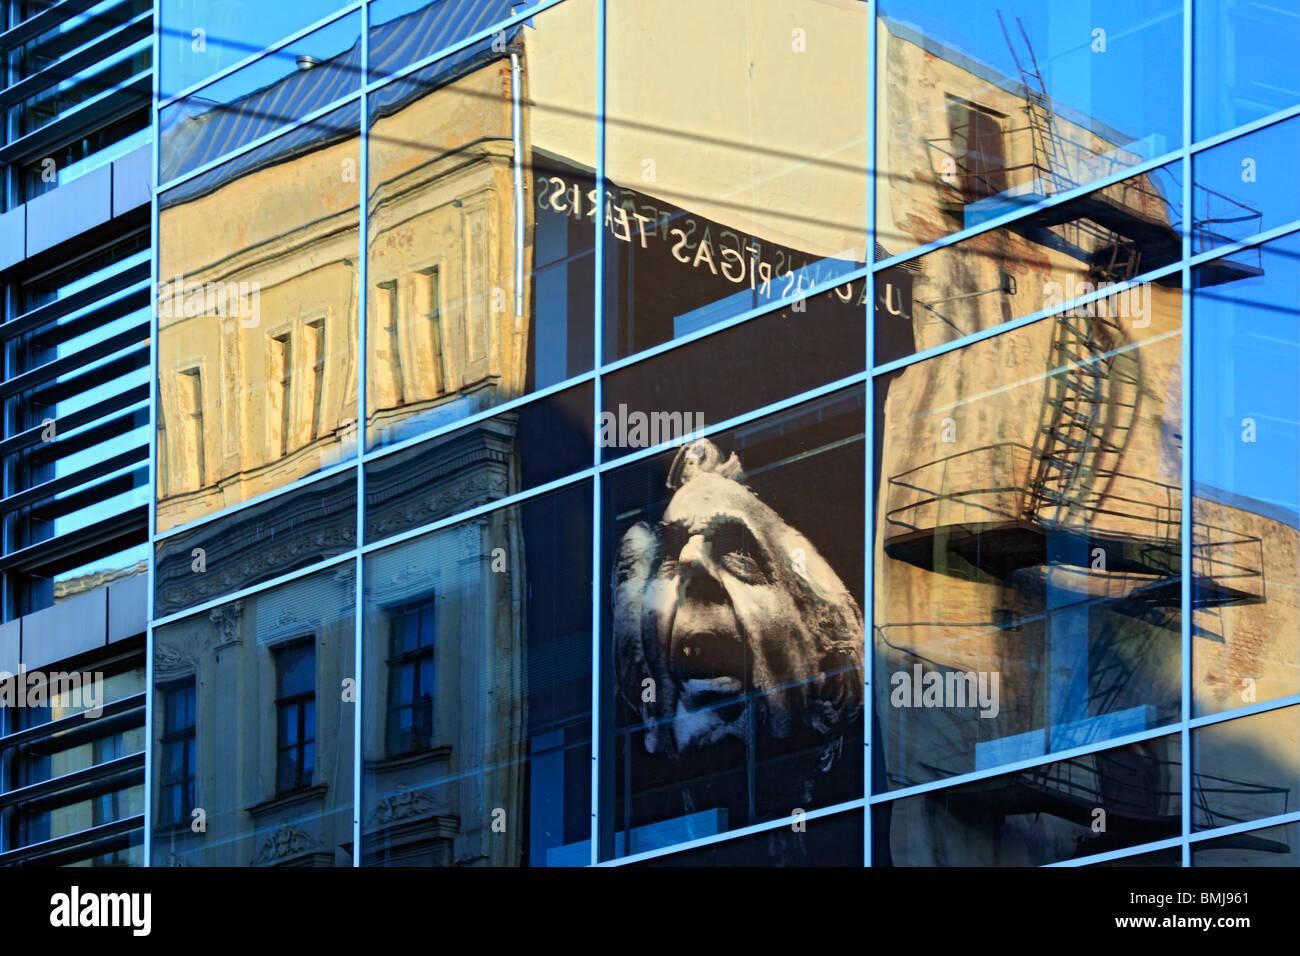 Spiegelbild im Fenster, Riga, Lettland Stockbild